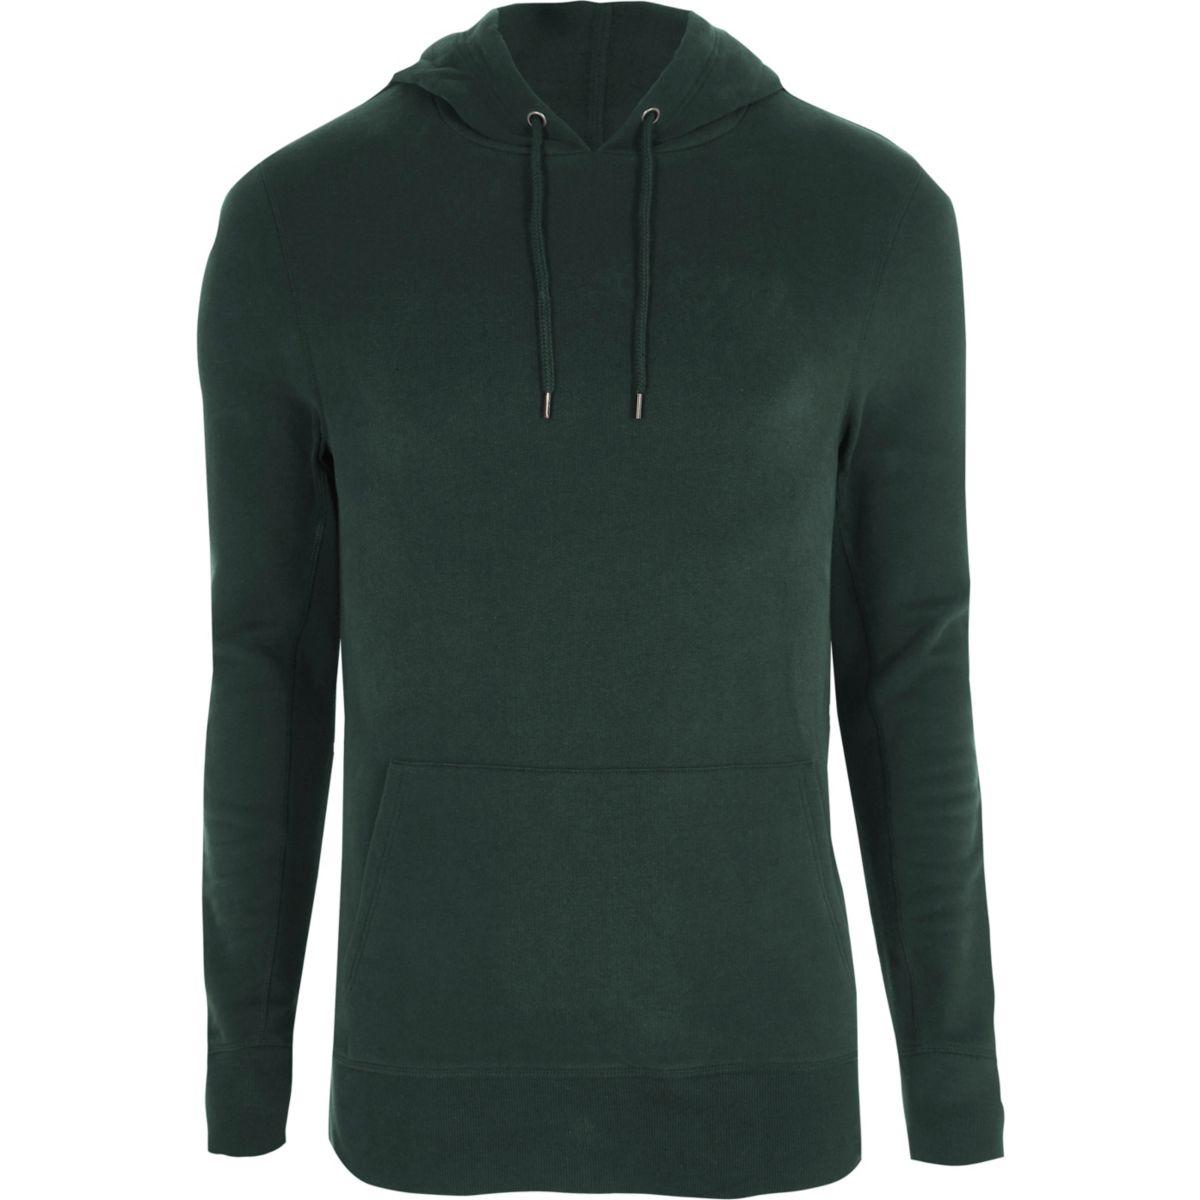 Dark green muscle fit hoodie